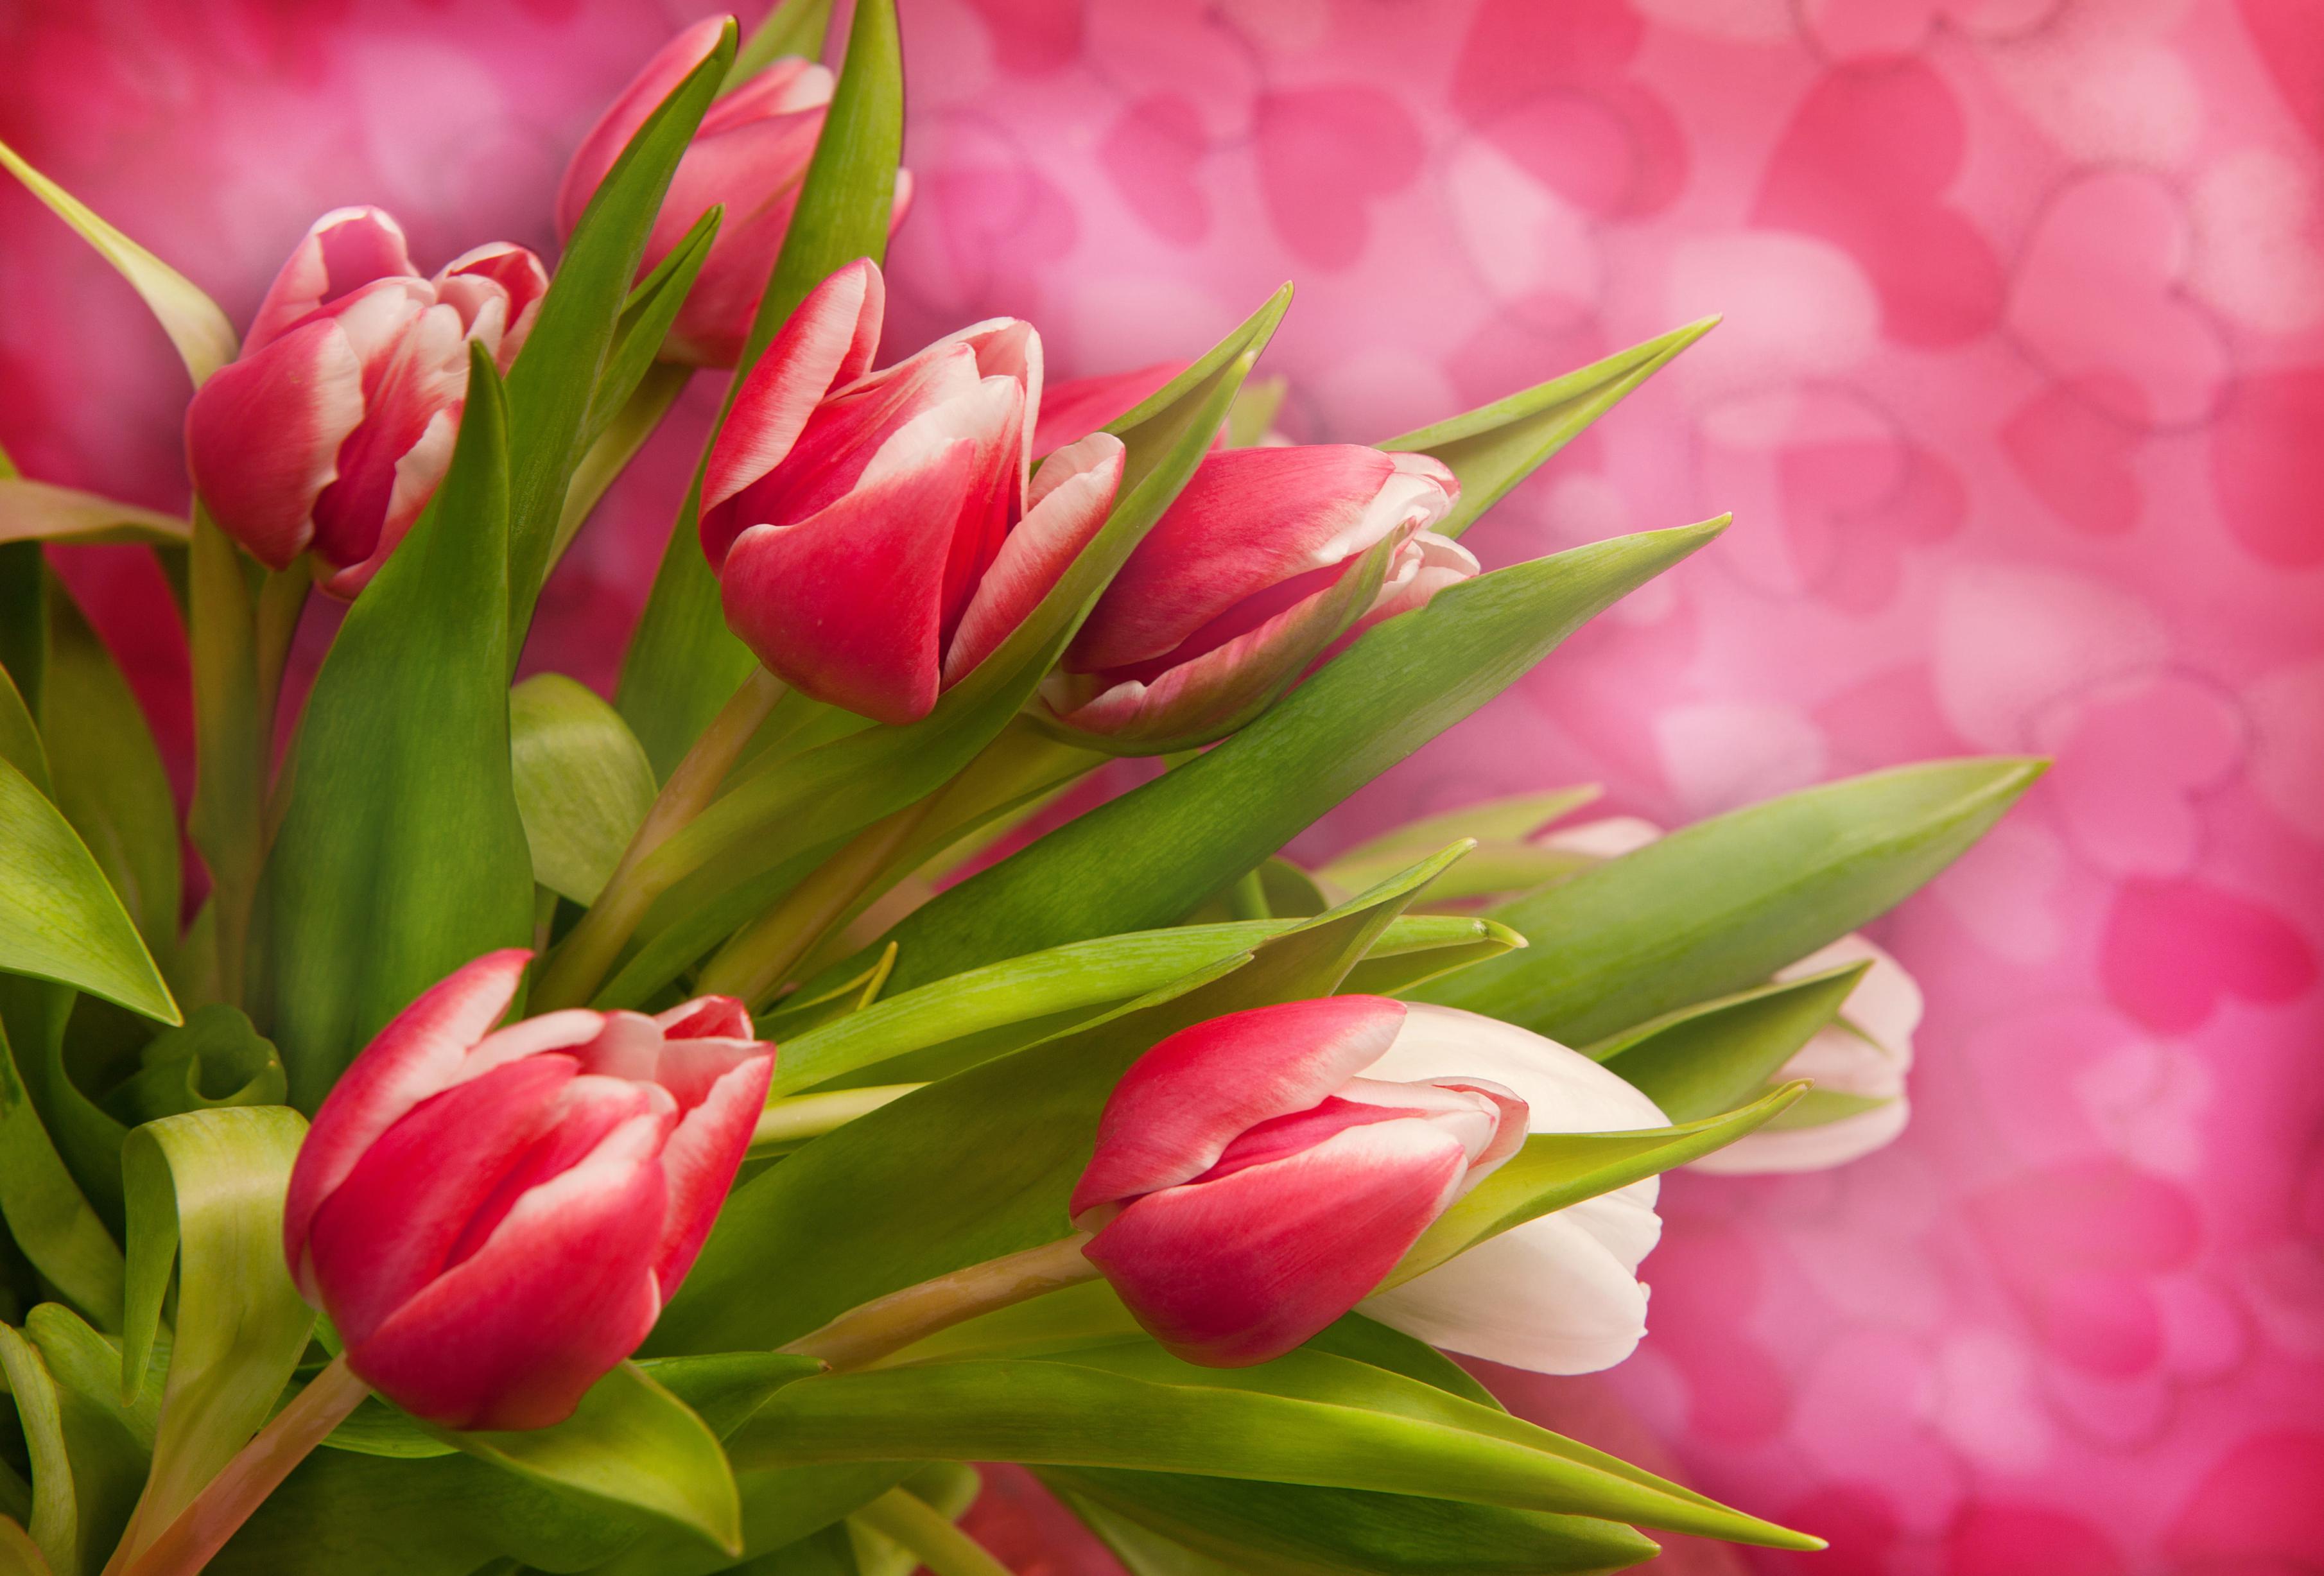 tulip-photo-7